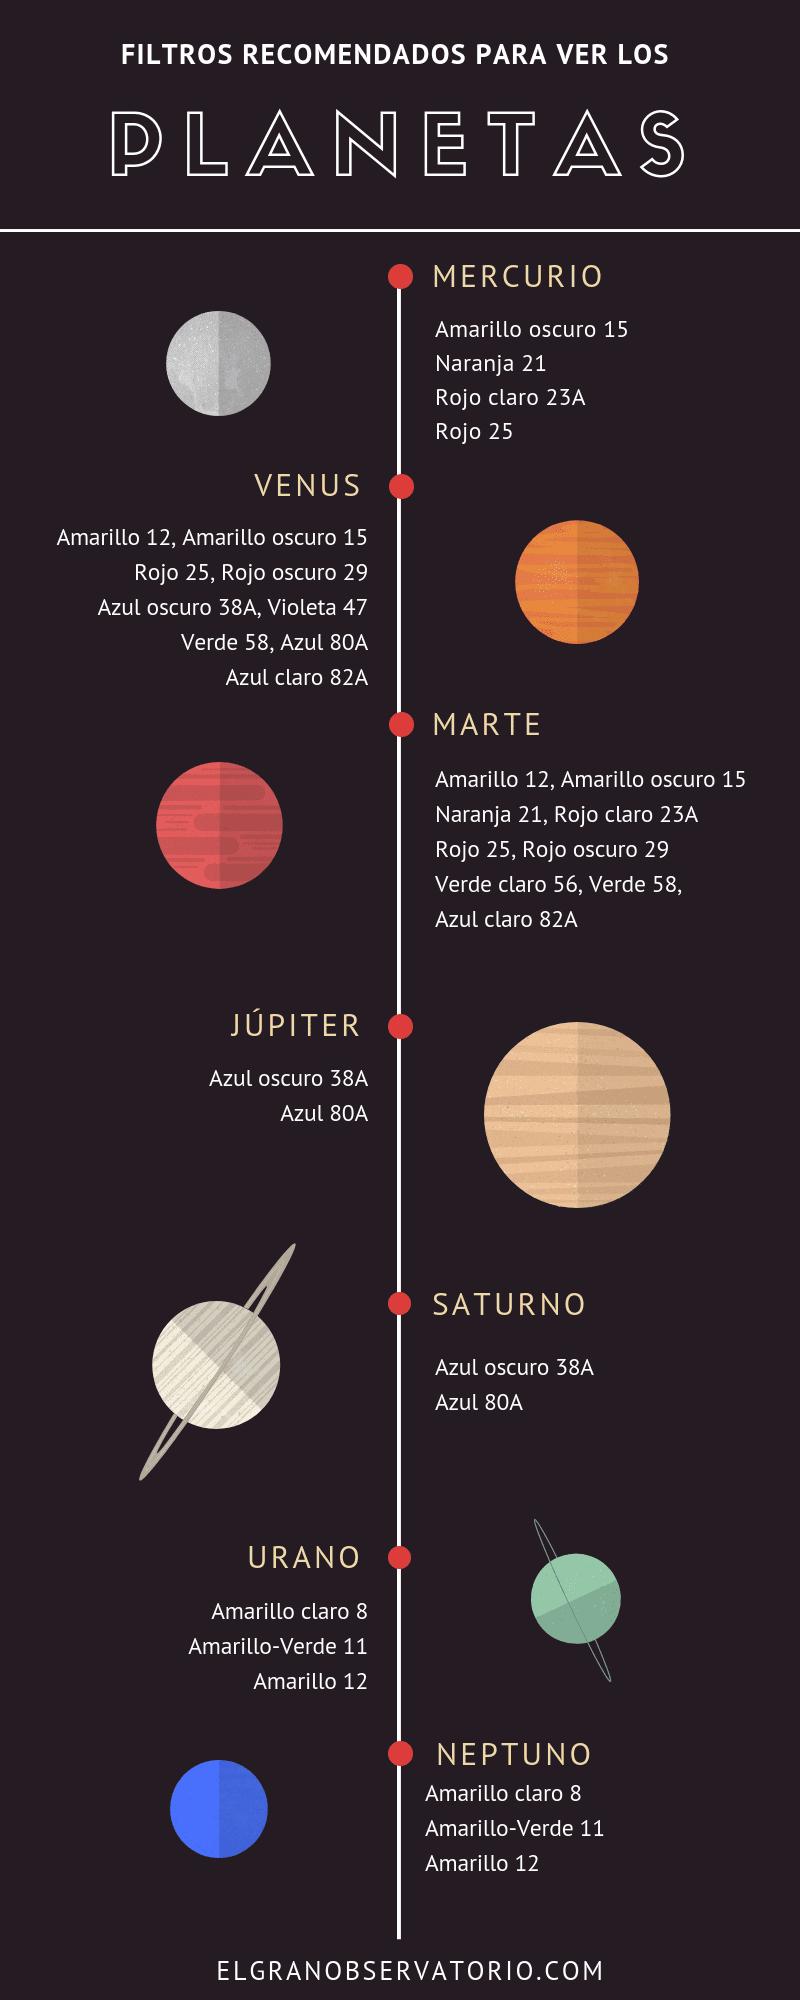 Los filtros de colores son el mejor accesorio para ver los planetas.